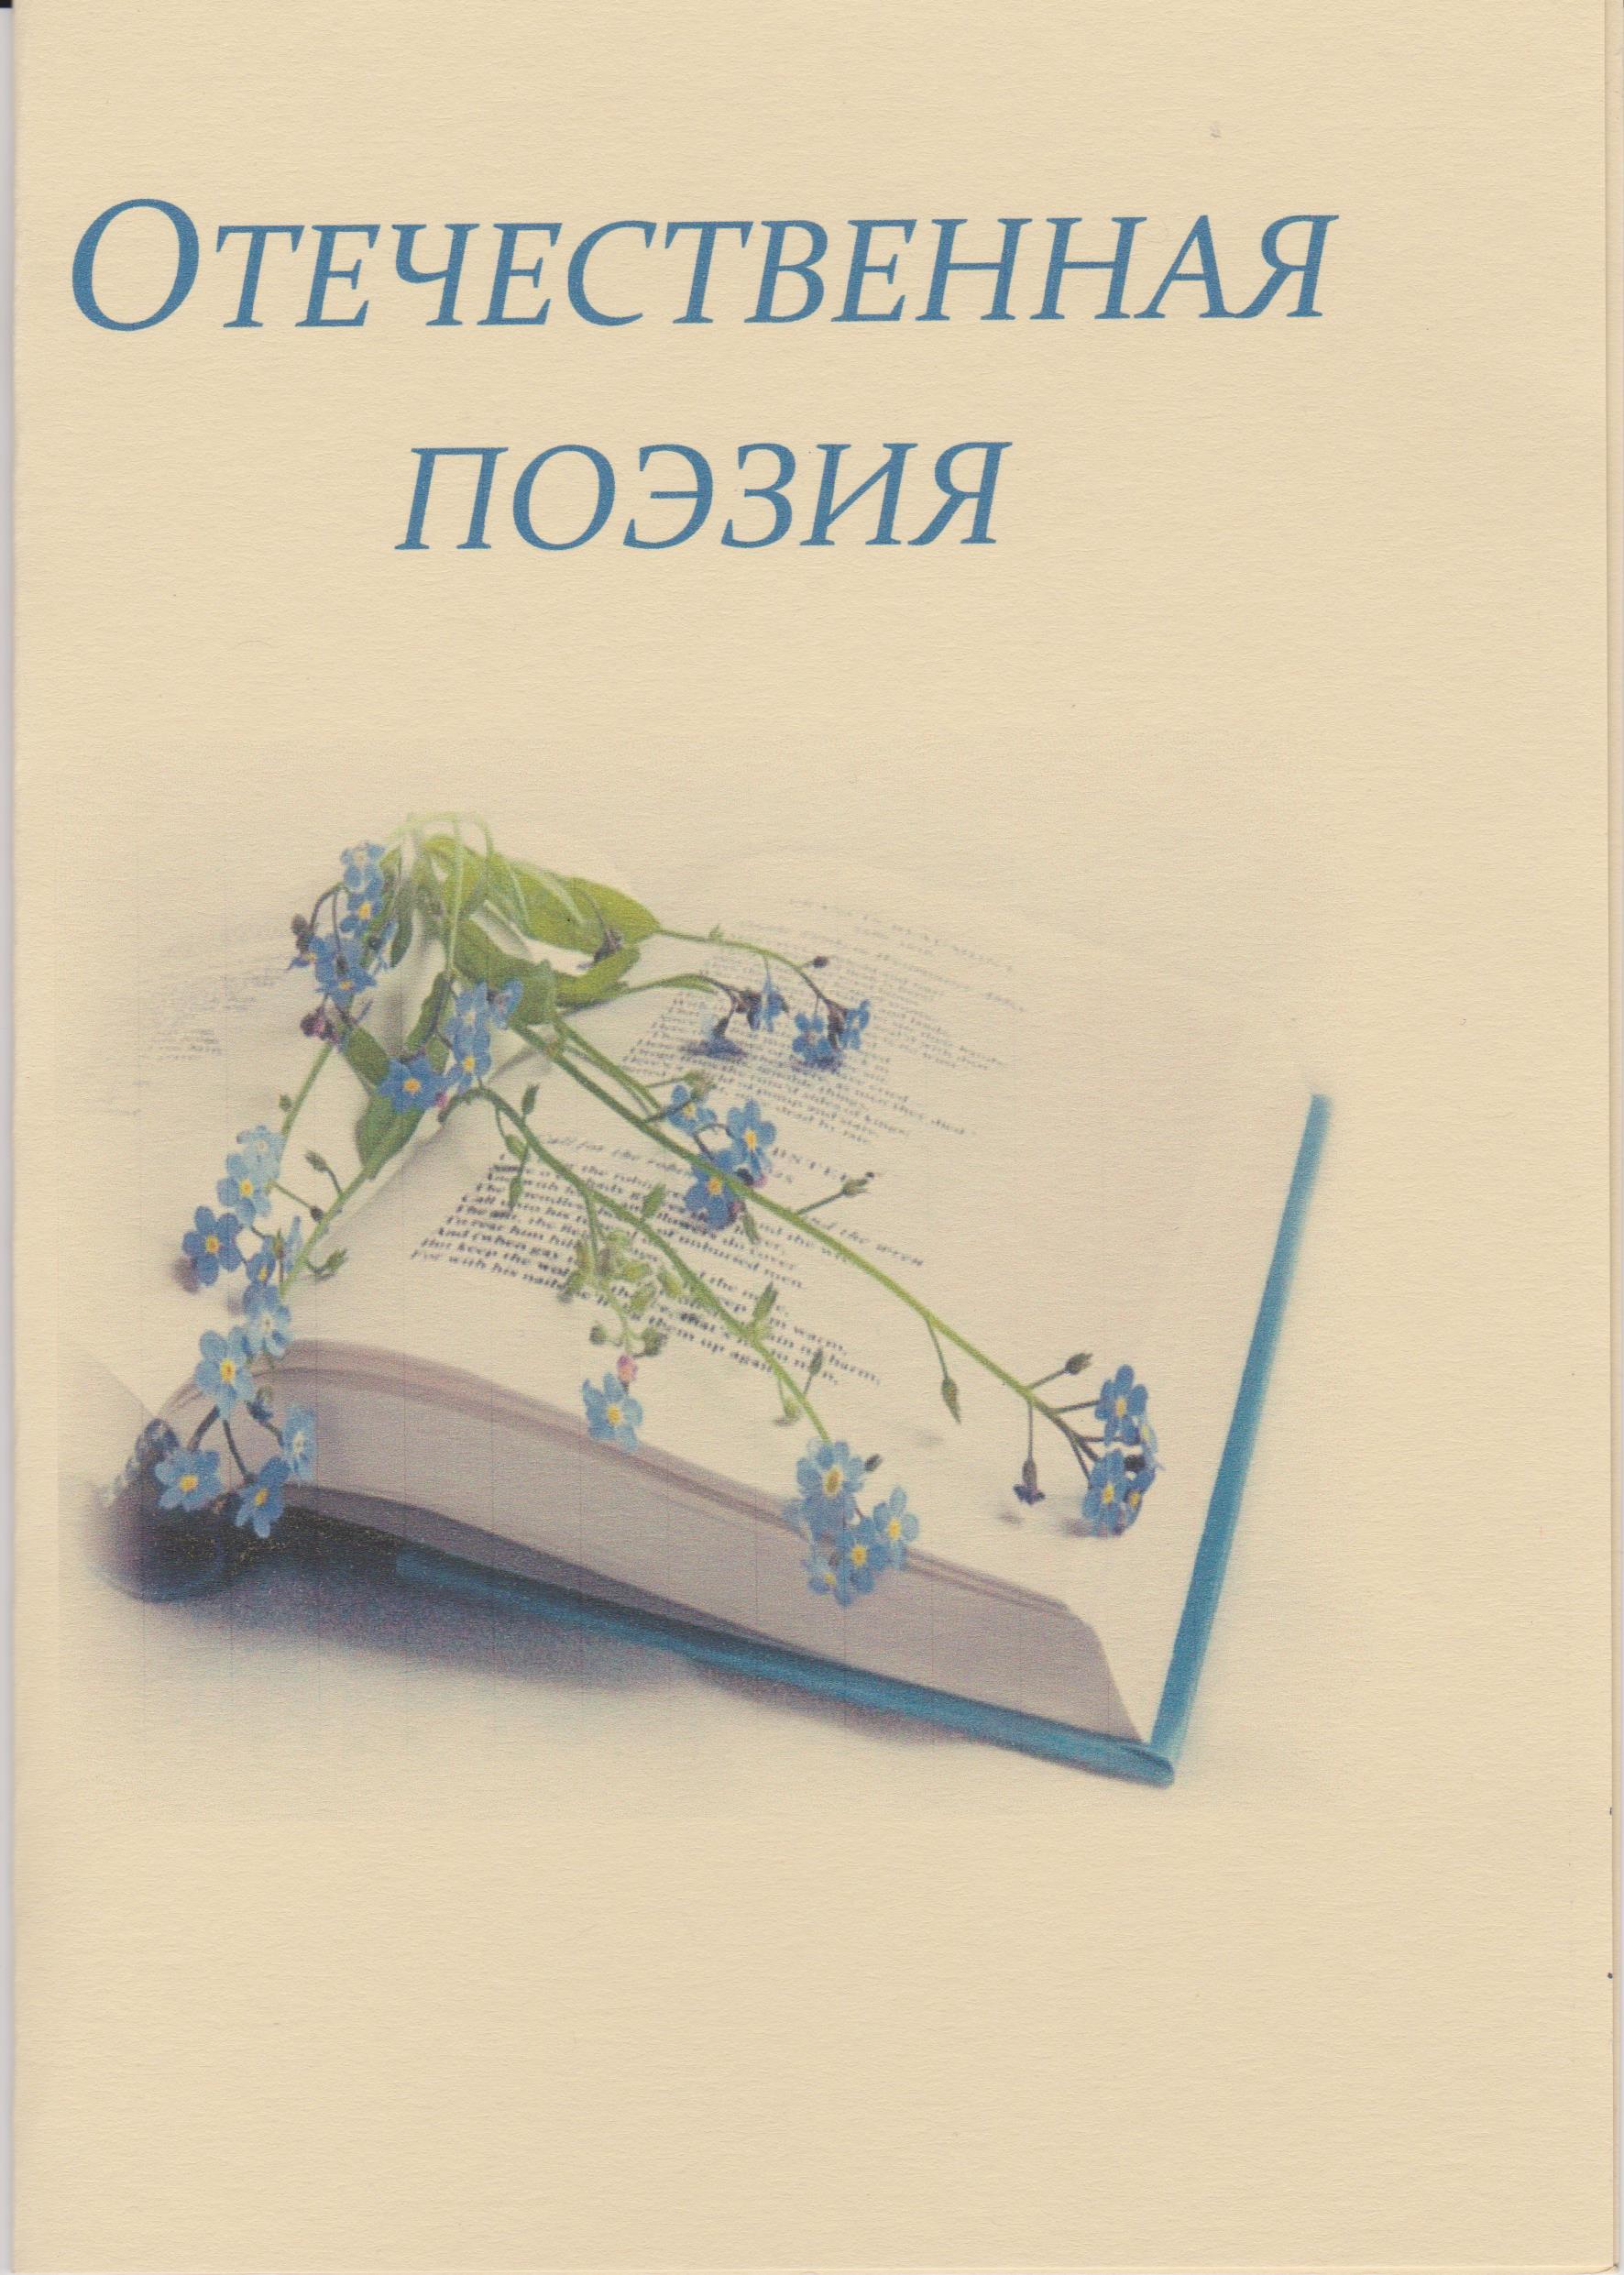 отечественная поэзия,библиоподиум,симферополь